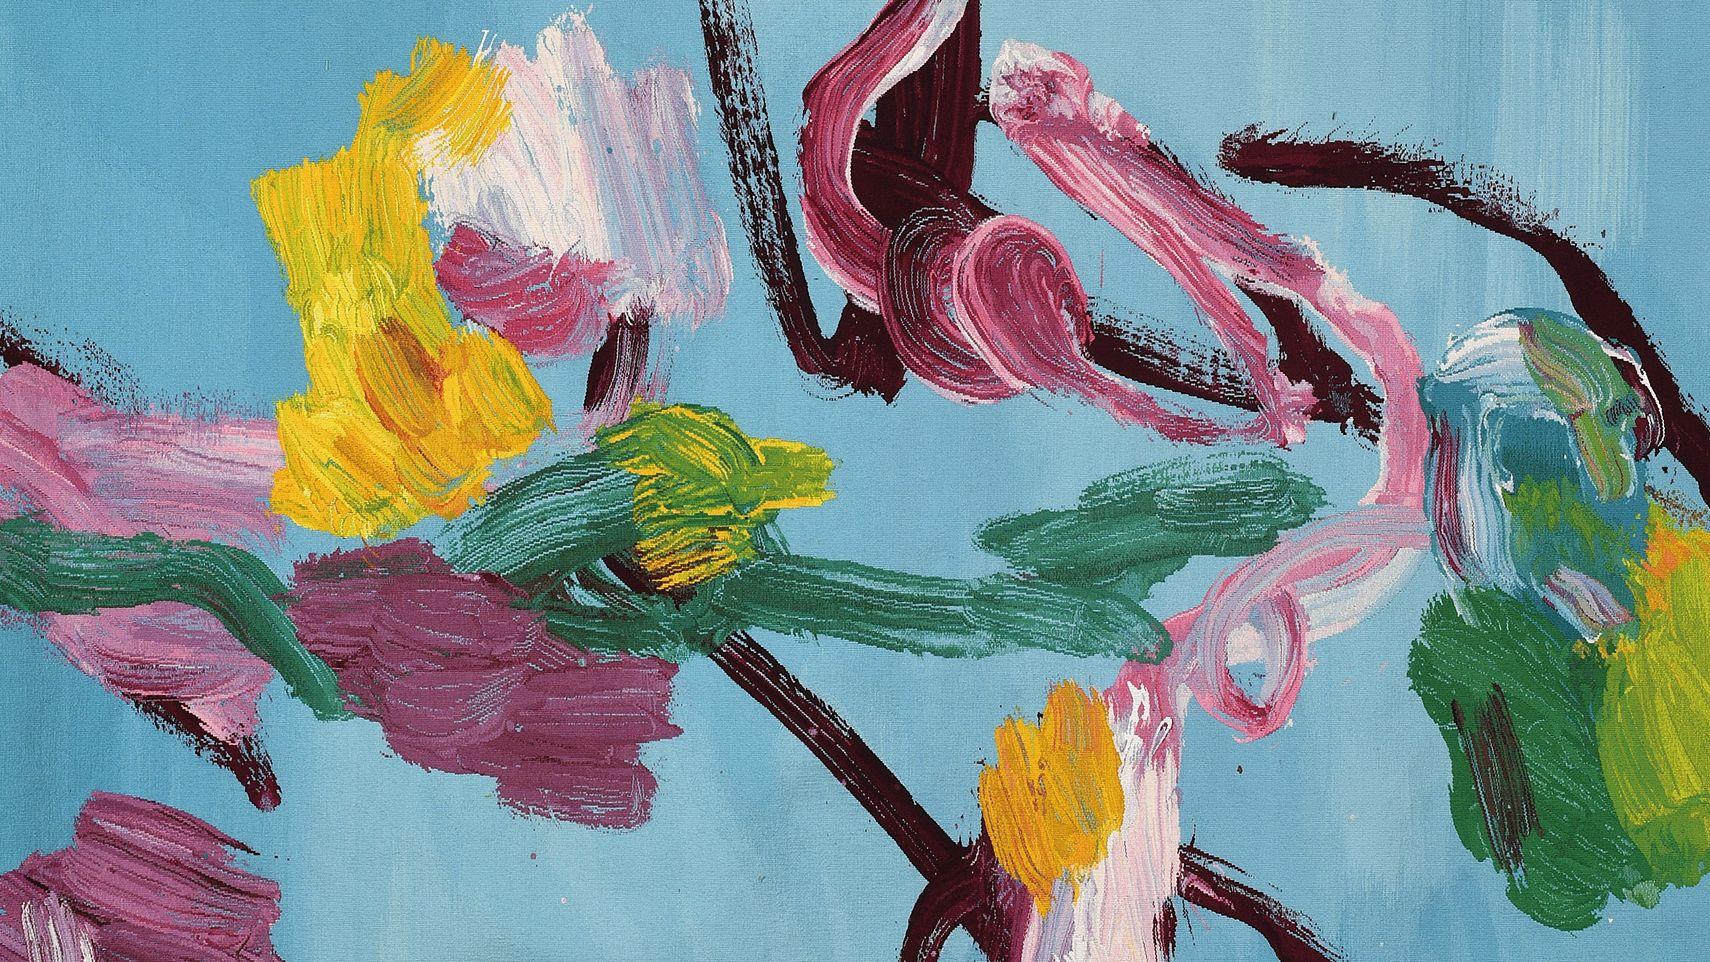 Wandteppich mit abstrahierten Blumen vor blauem Hintergrund von Alain Séchas